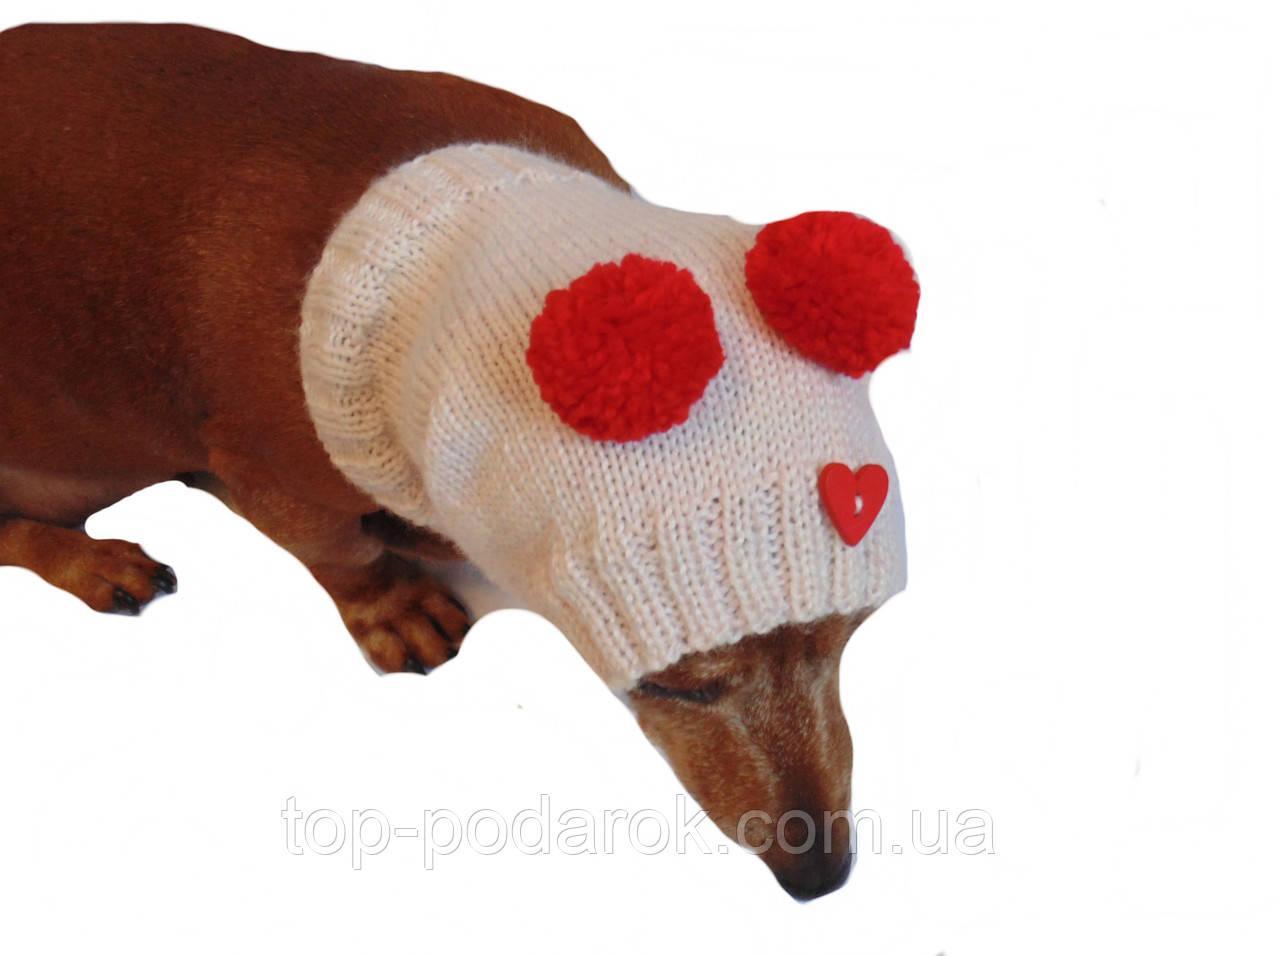 Шапка-снуд для маленькой собаки,шапка для таксы,шапка для собаки до 10 кг